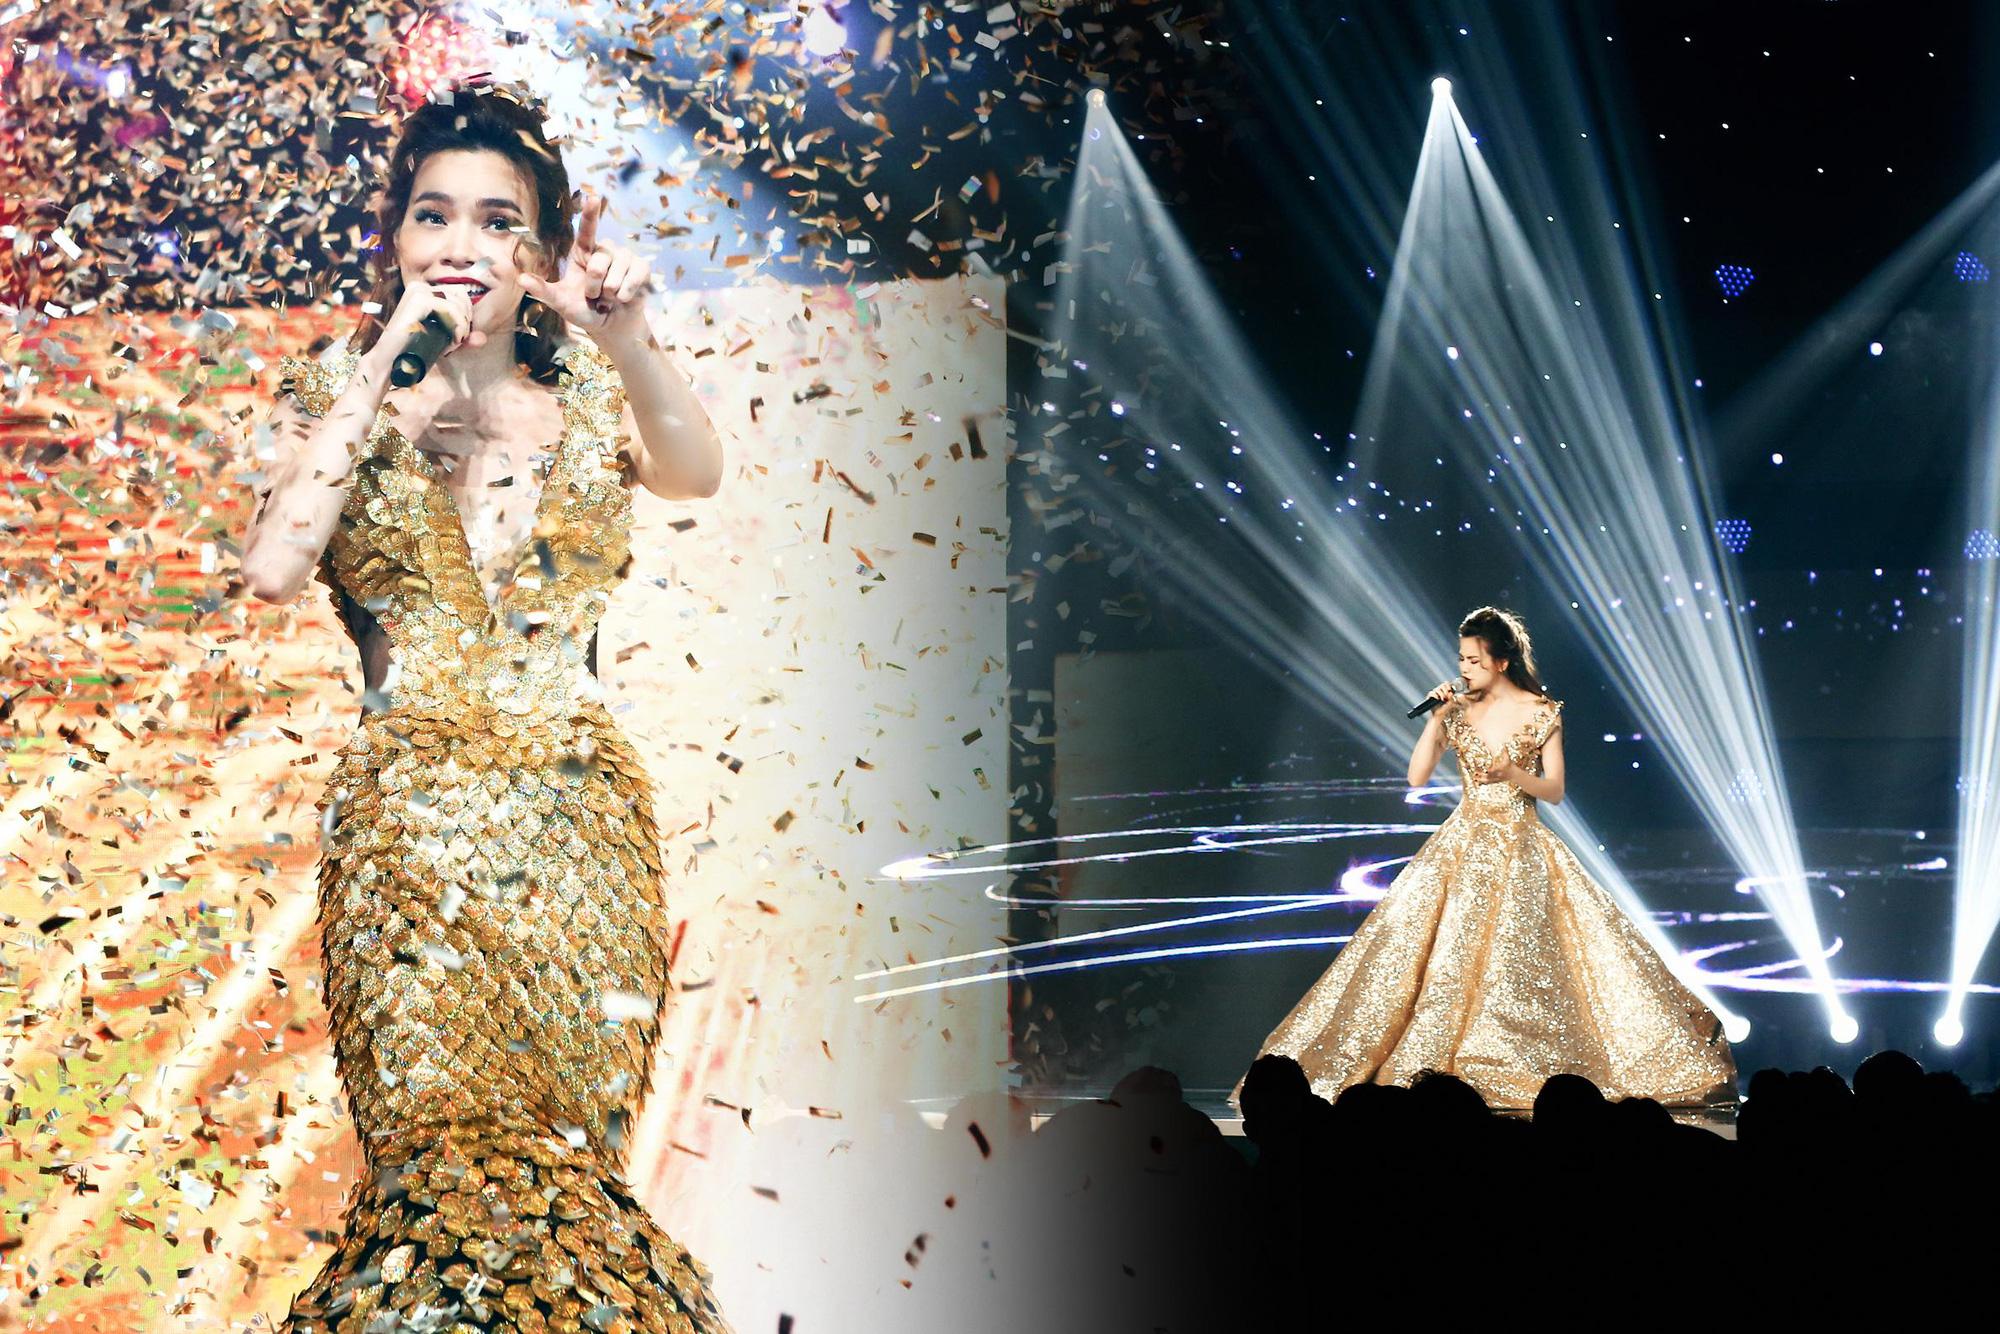 Chuỗi Private Show Love Songs của Hồ Ngọc Hà - điểm sáng của năm về một chương trình âm nhạc đậm chất nghệ thuật - Ảnh 2.